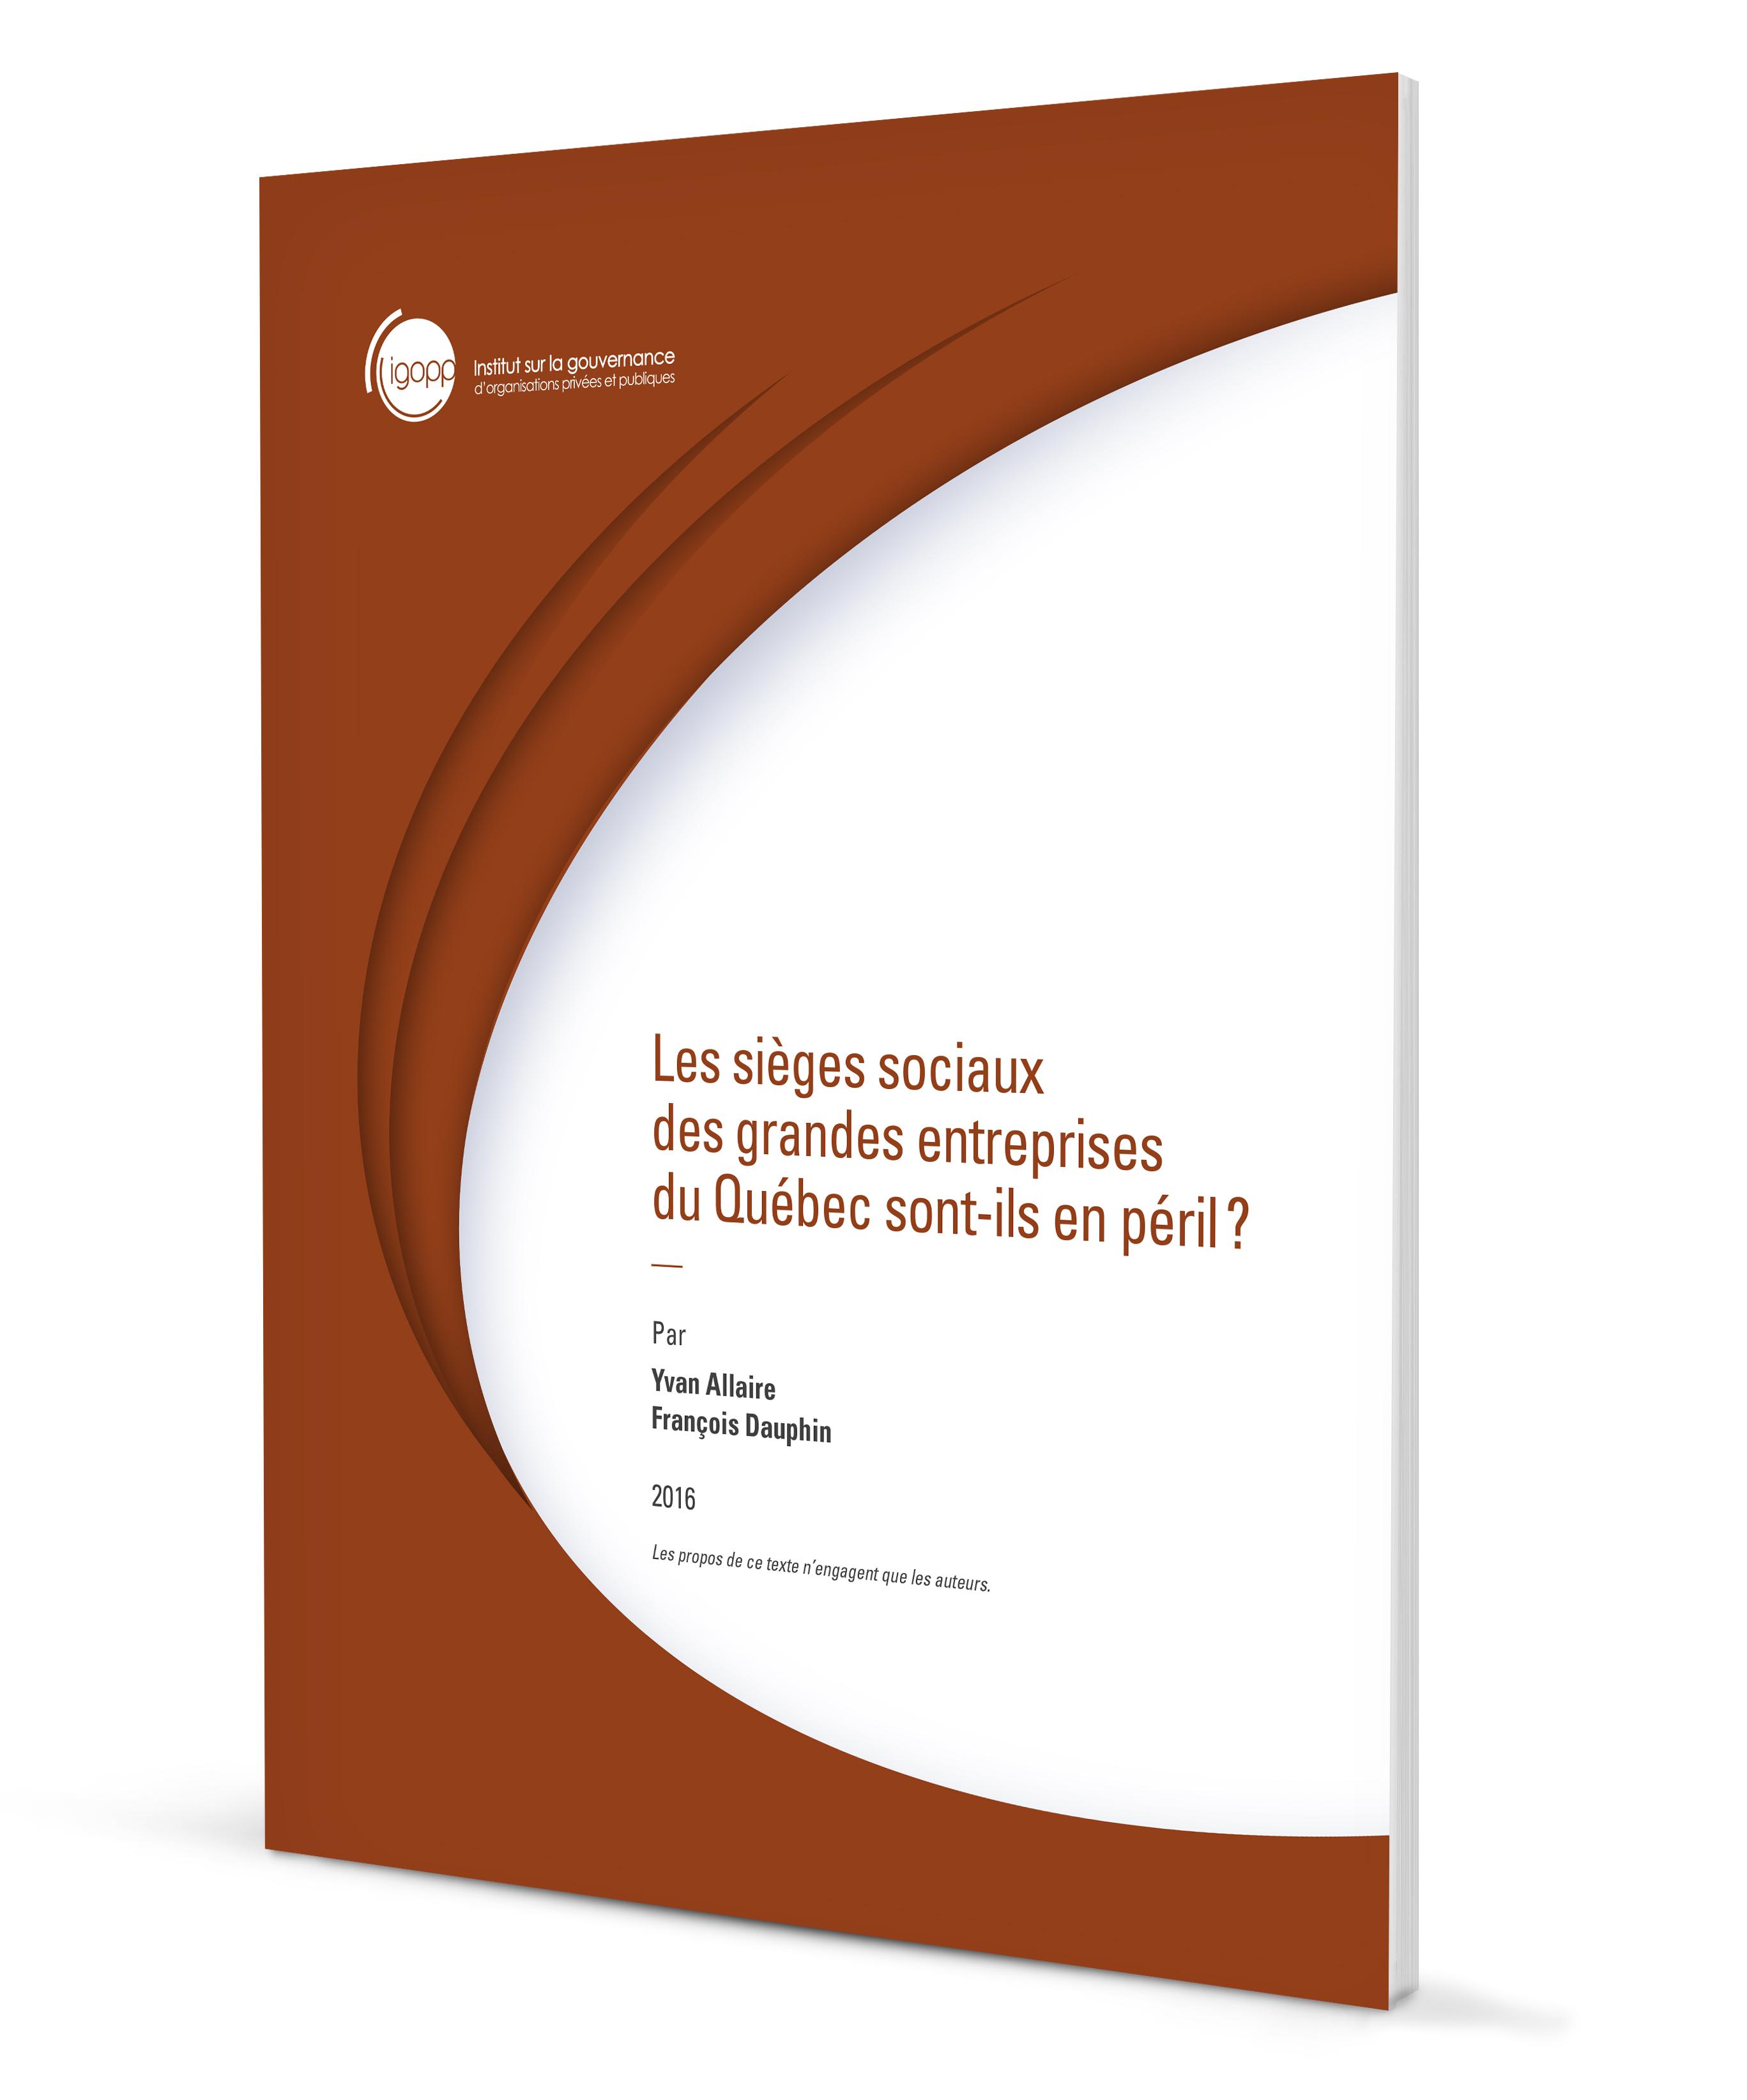 igopp_web_publication_big_2735x3288_siegessociaux_fr